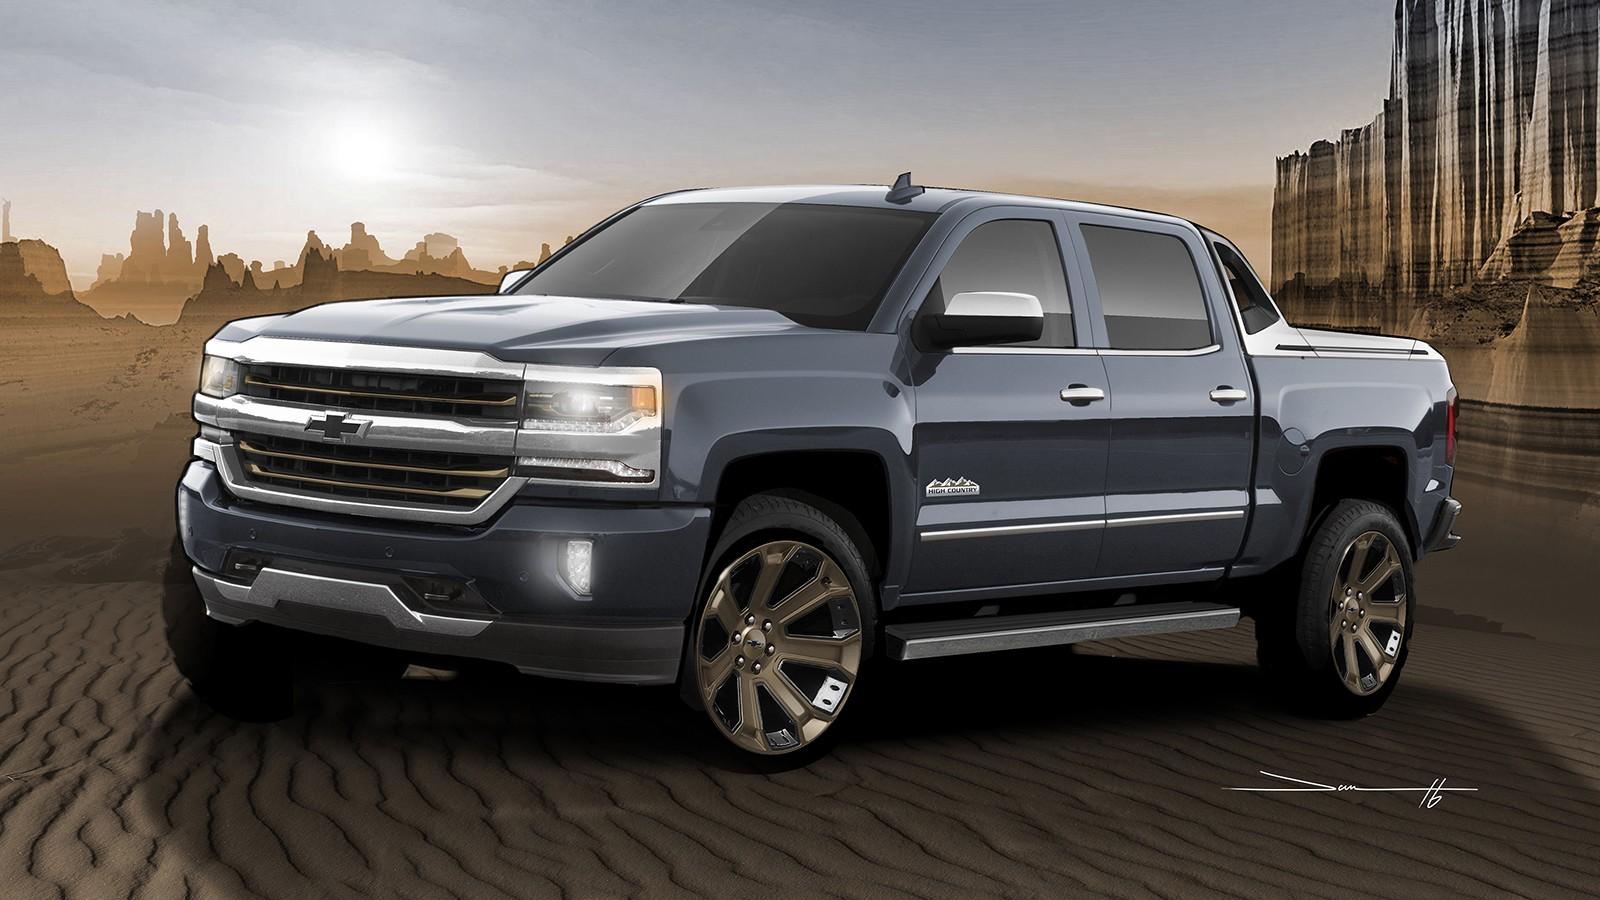 В базовой комплектации диски Chevrolet Silverado 1500 High Desert имеют размерность 20 дюймов, в версиях исполнения LTZ и High Country — 22 дюйма